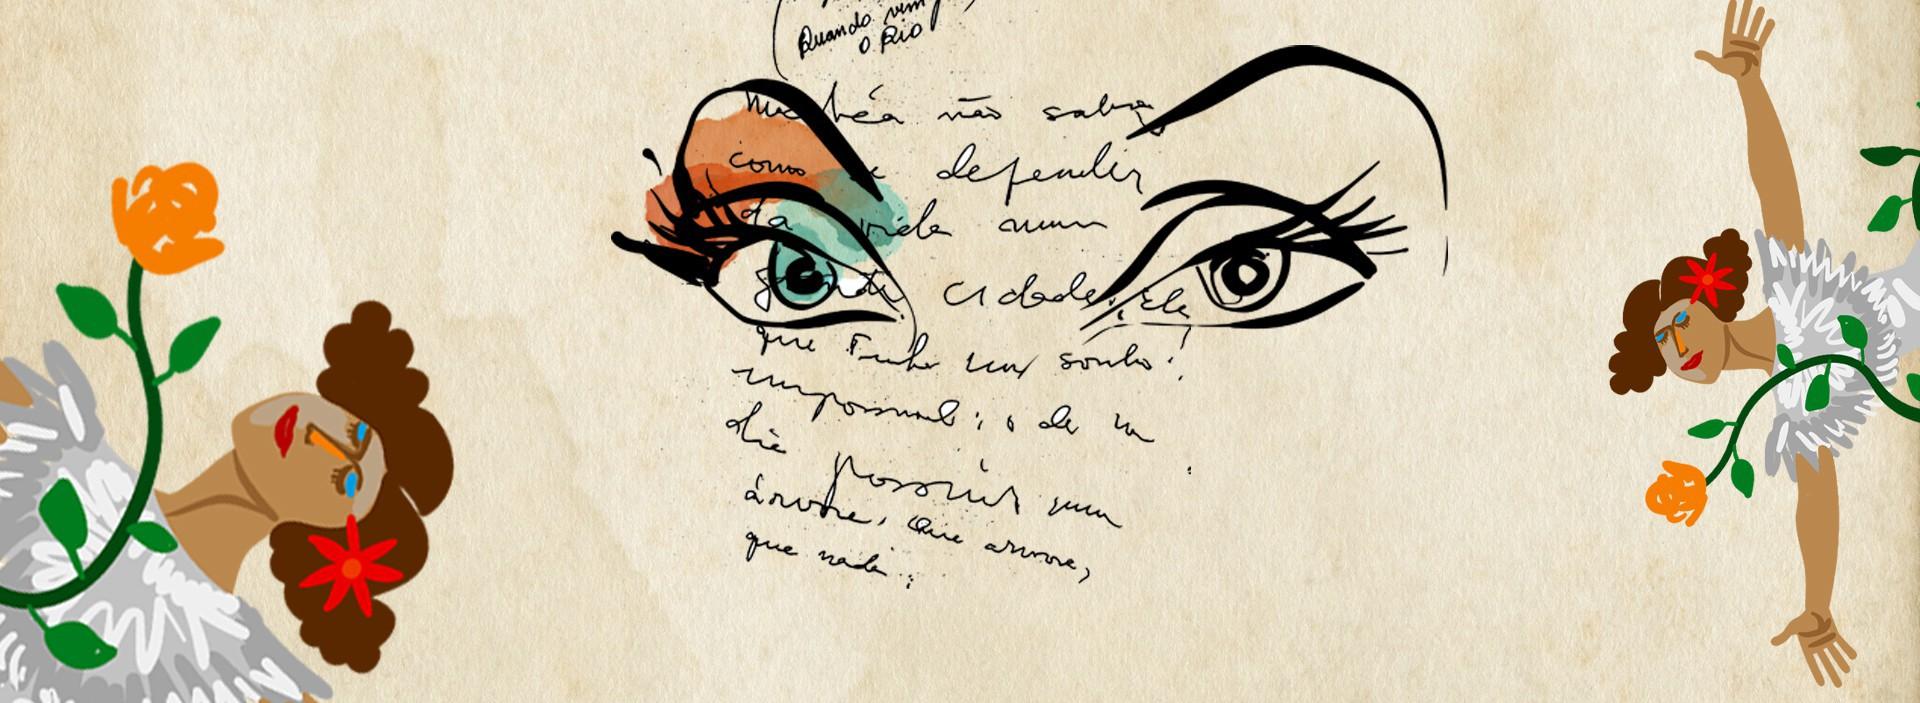 Falando em brasileiras marcantes, rememore Clarice Lispector